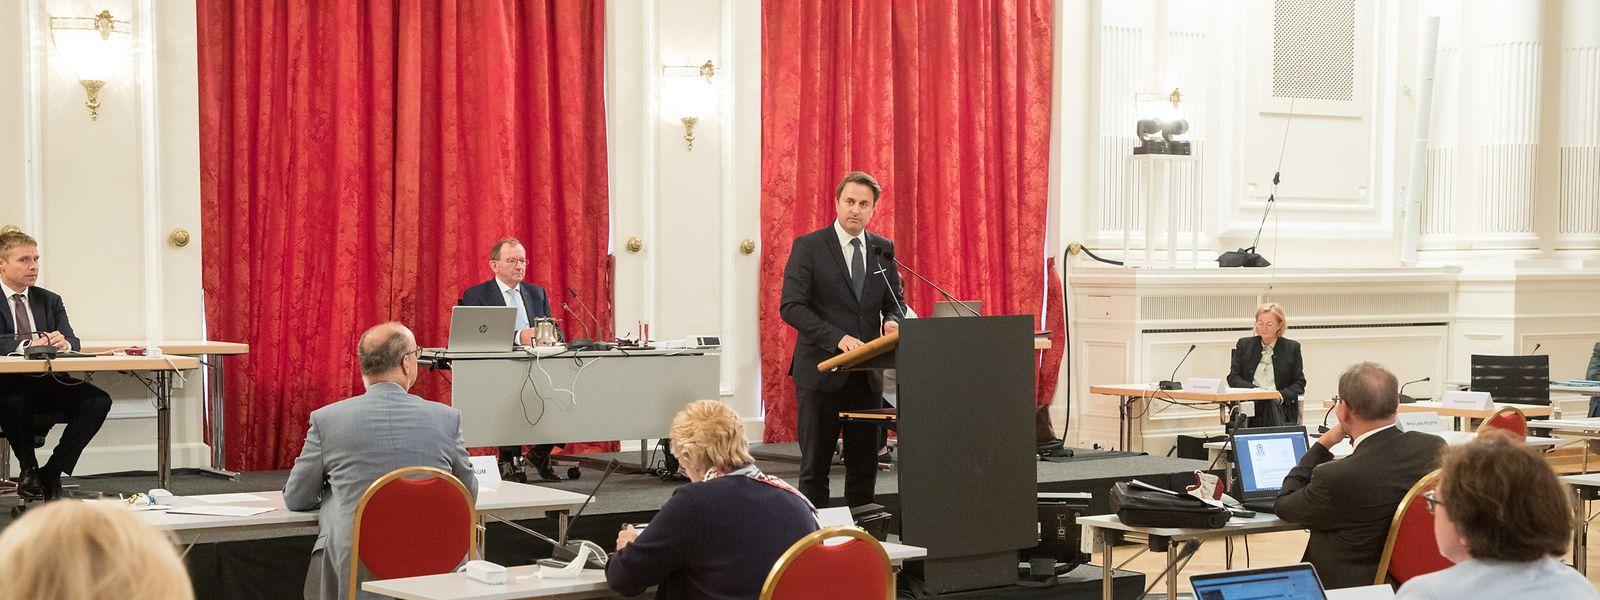 Premierminister Xavier Bettel bei seiner Ansprache am Mittwochnachmittag.